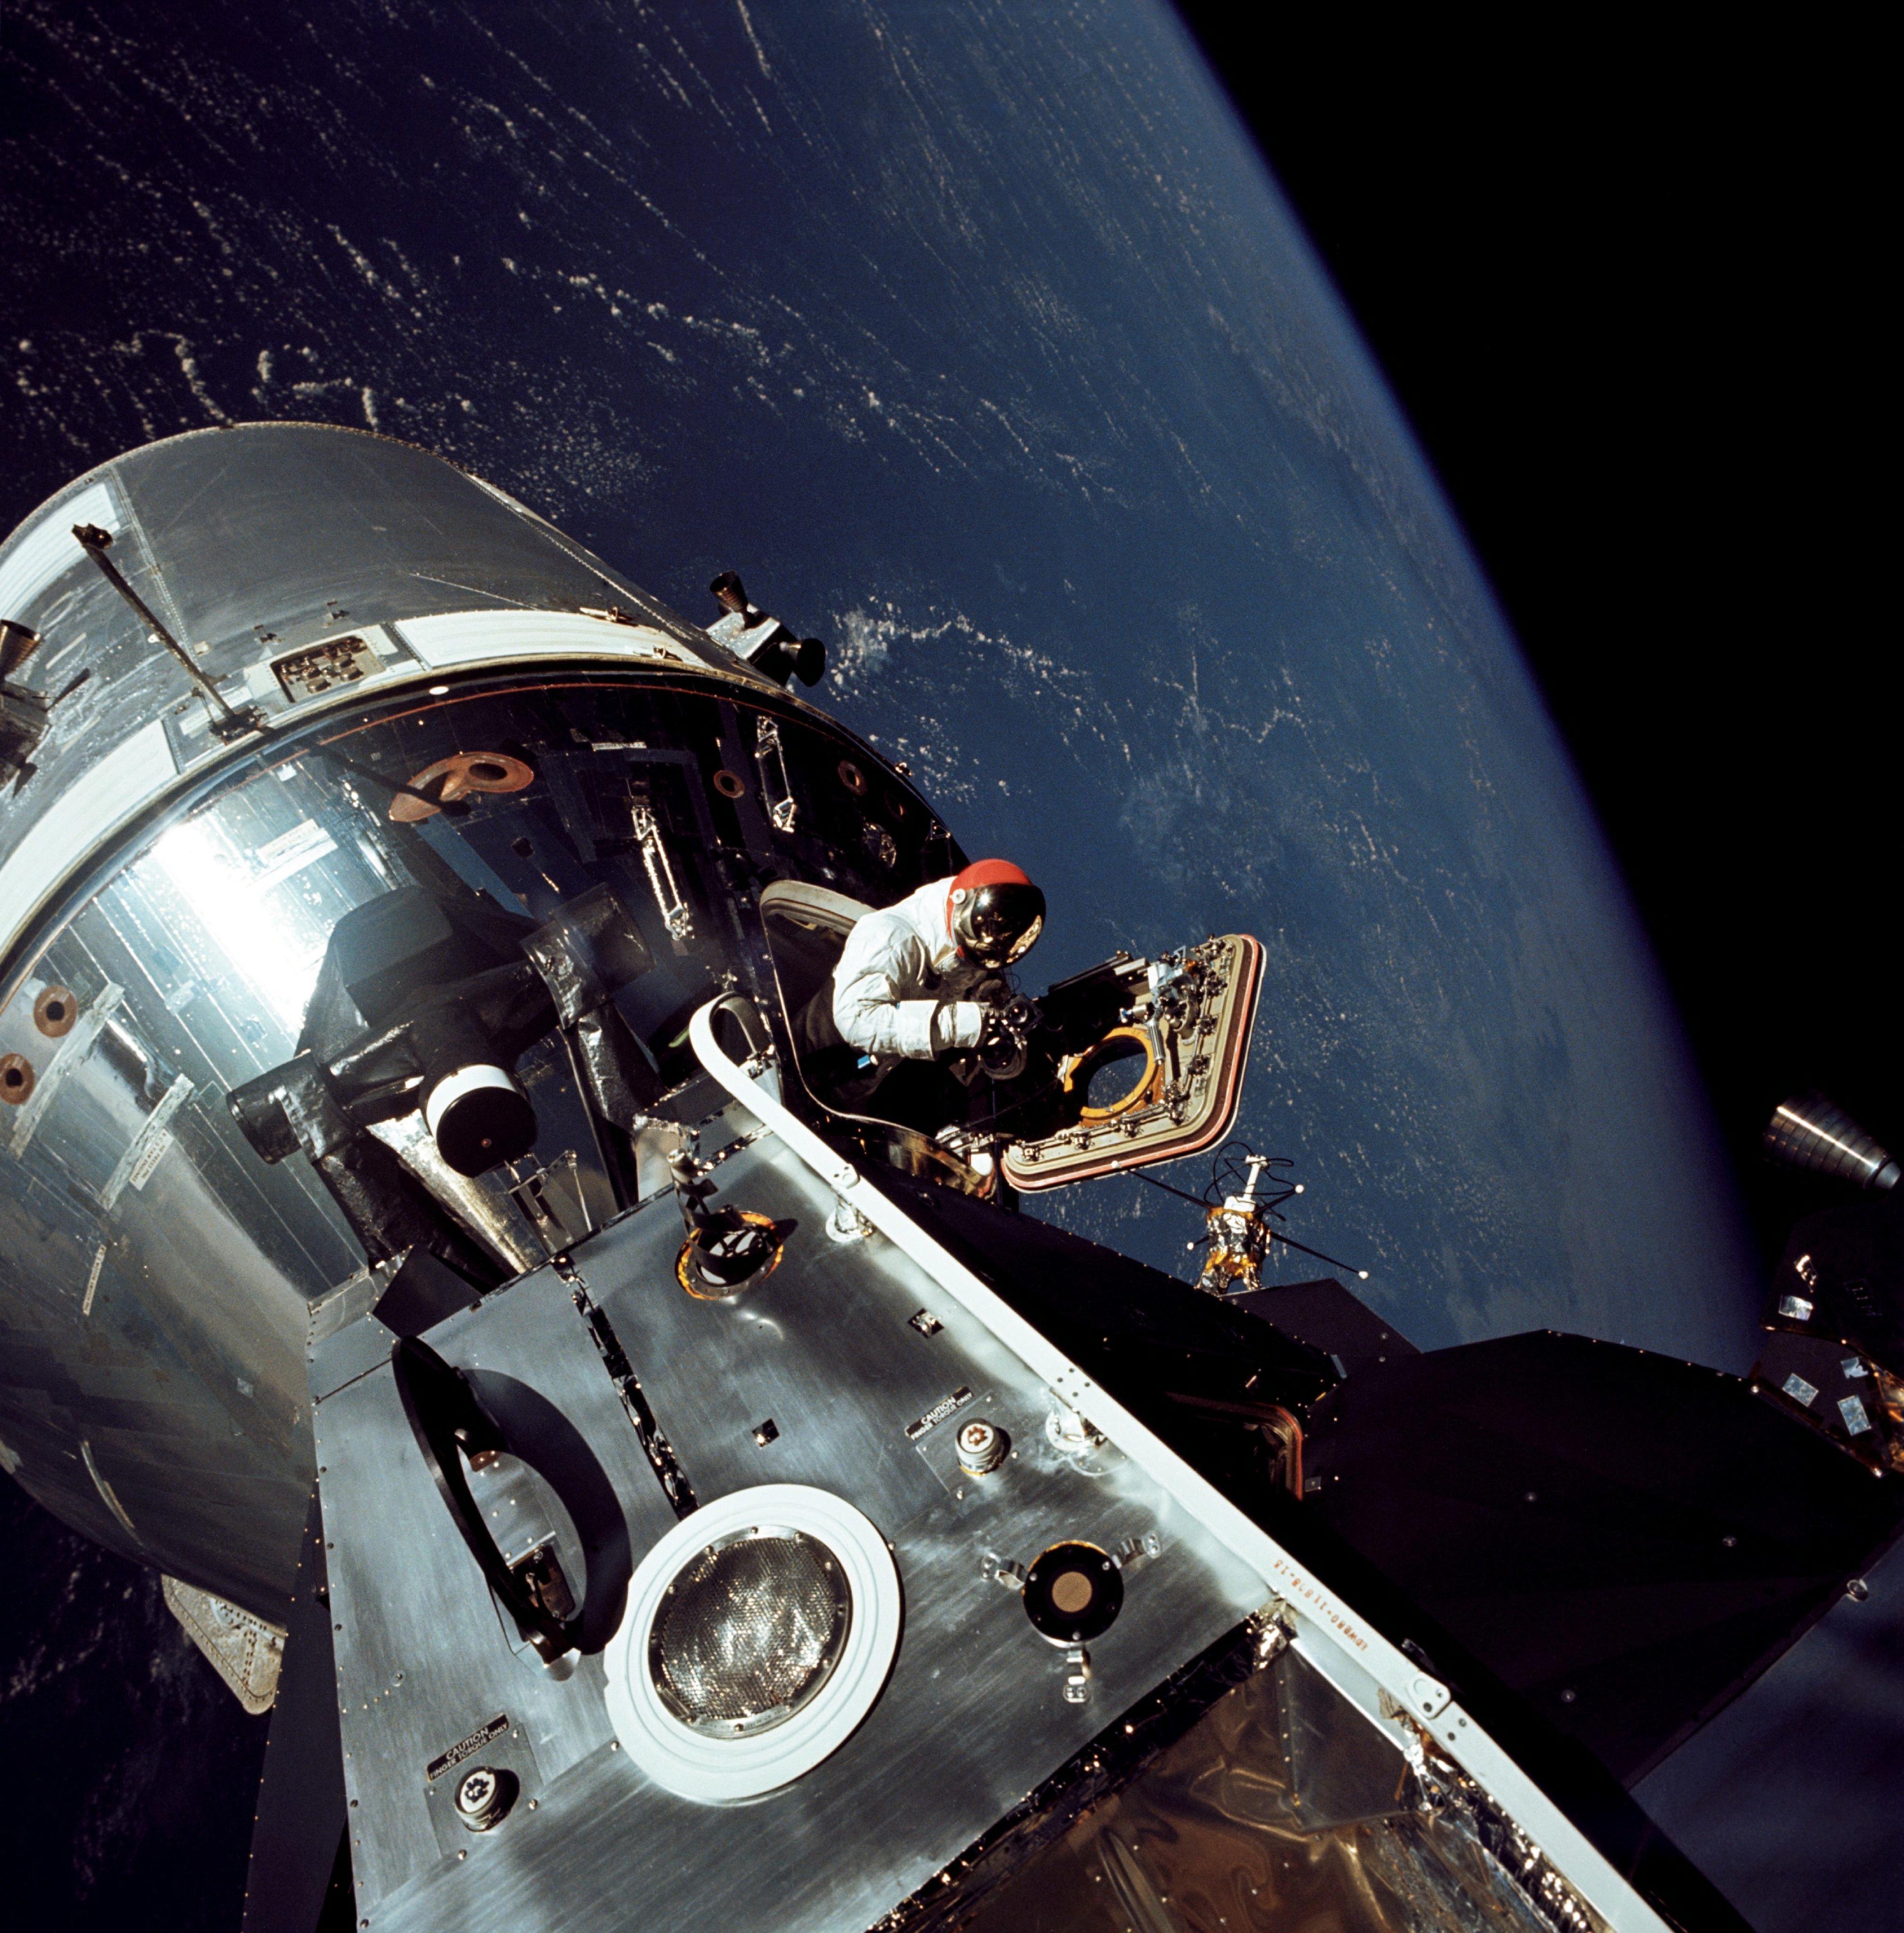 nasa apollo spaceship - photo #49